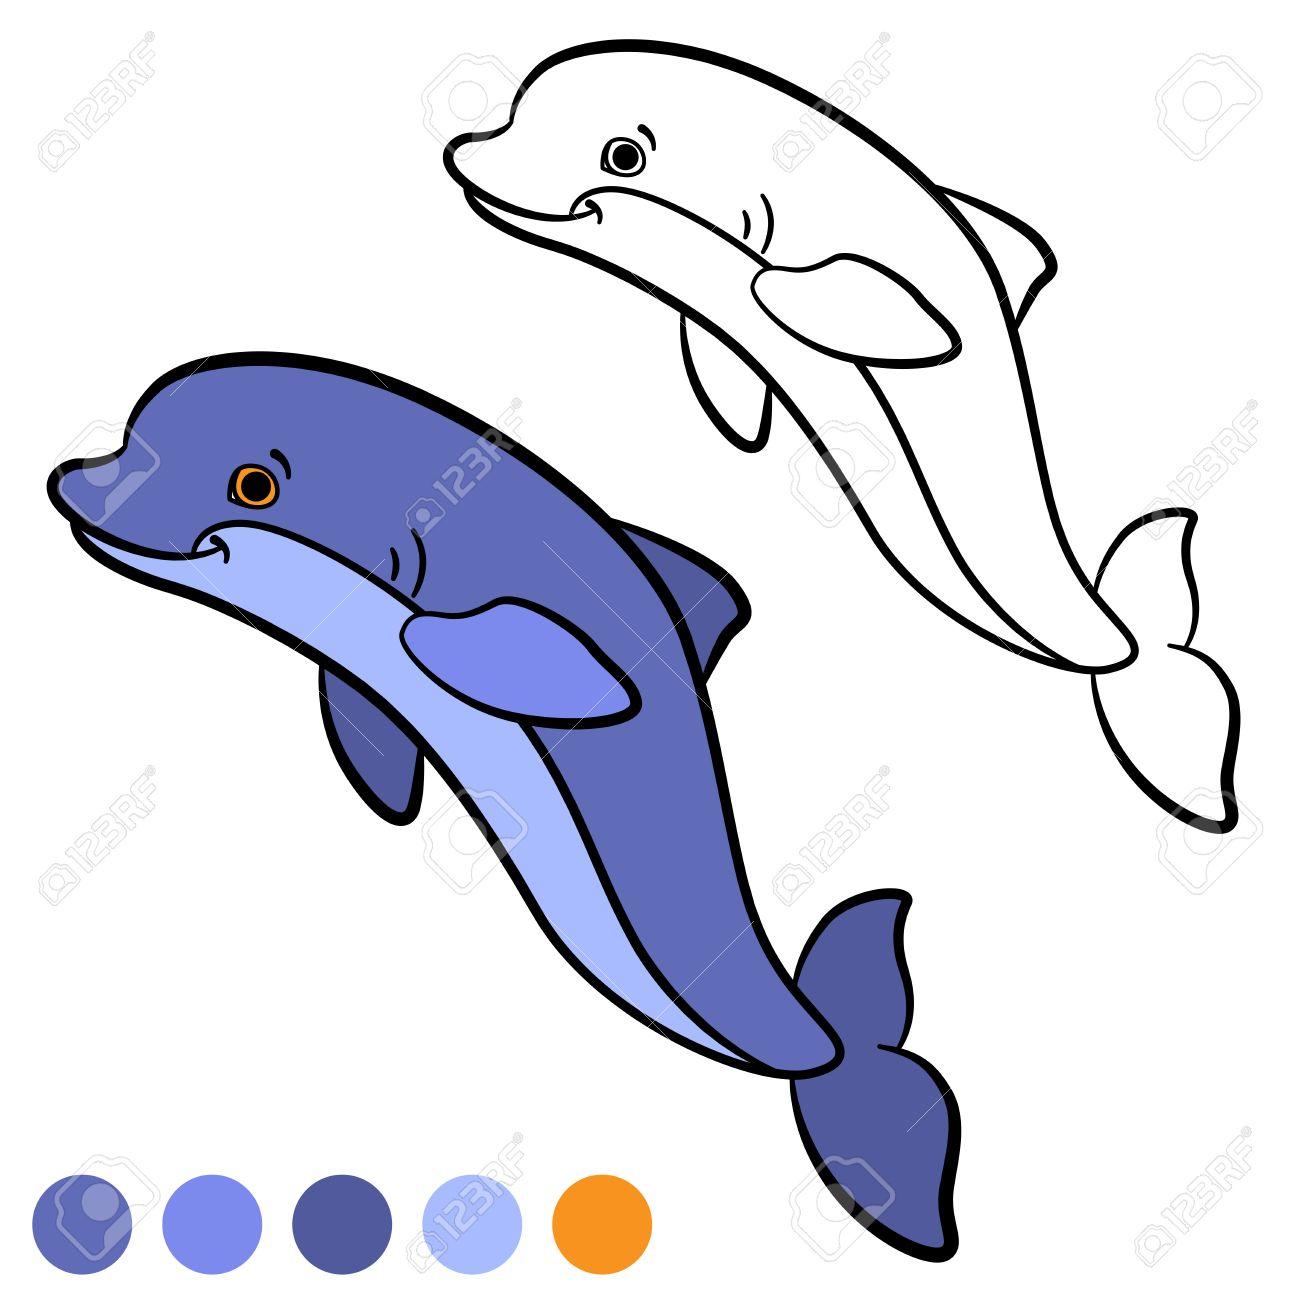 Fantastisch Süße Delphin Malvorlagen Galerie - Druckbare Malvorlagen ...